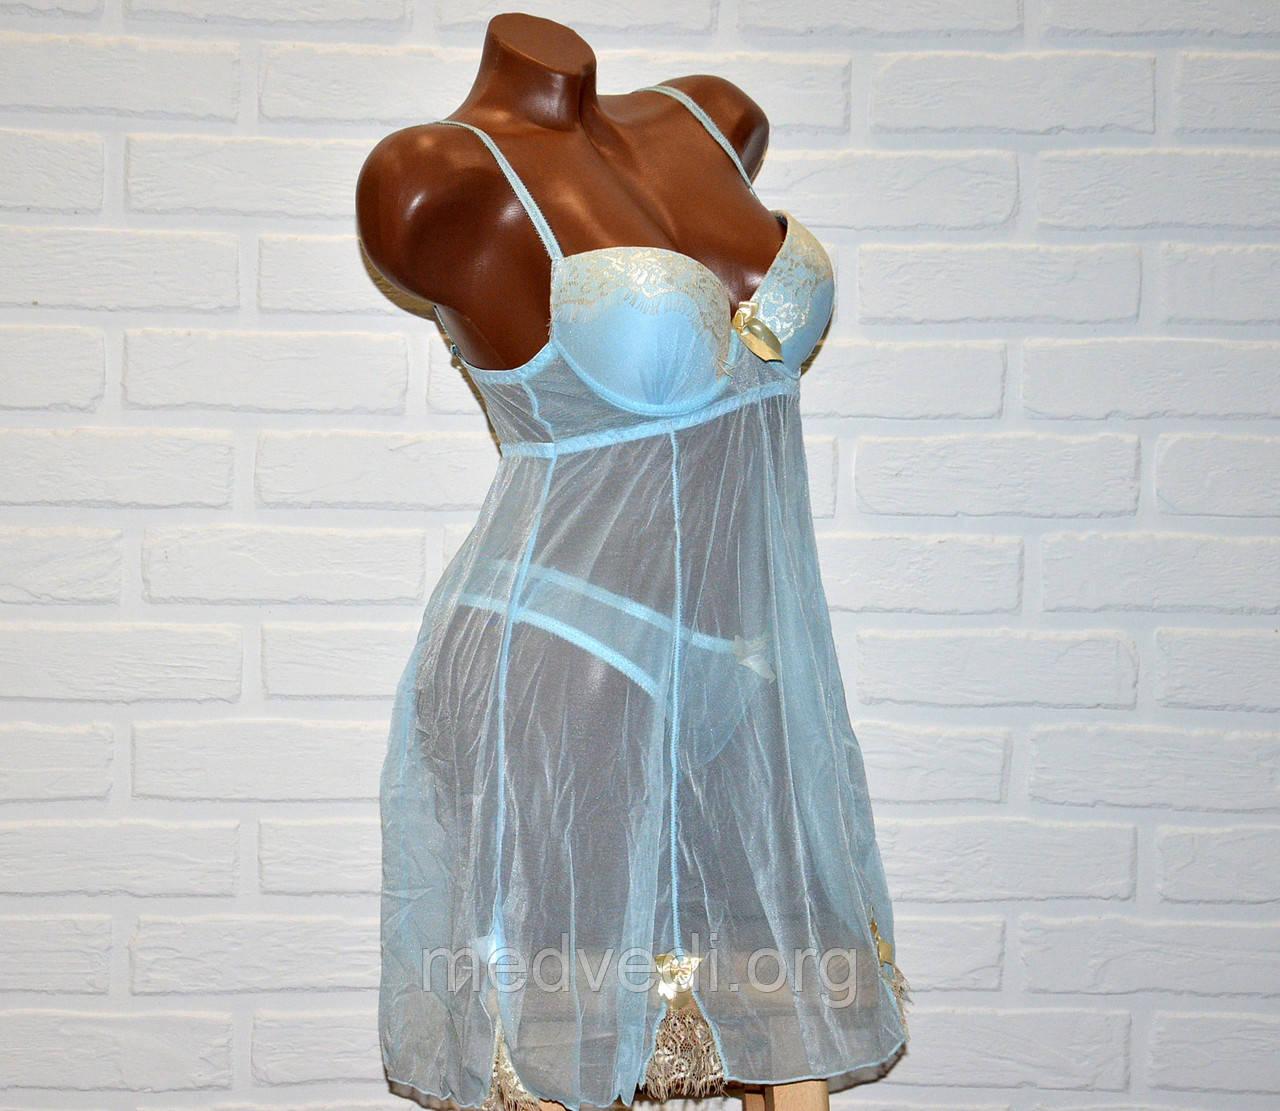 Світло-блакитний комплект відвертого, прозорого жіночої білизни, пеньюар і труси стрінги, розмір L